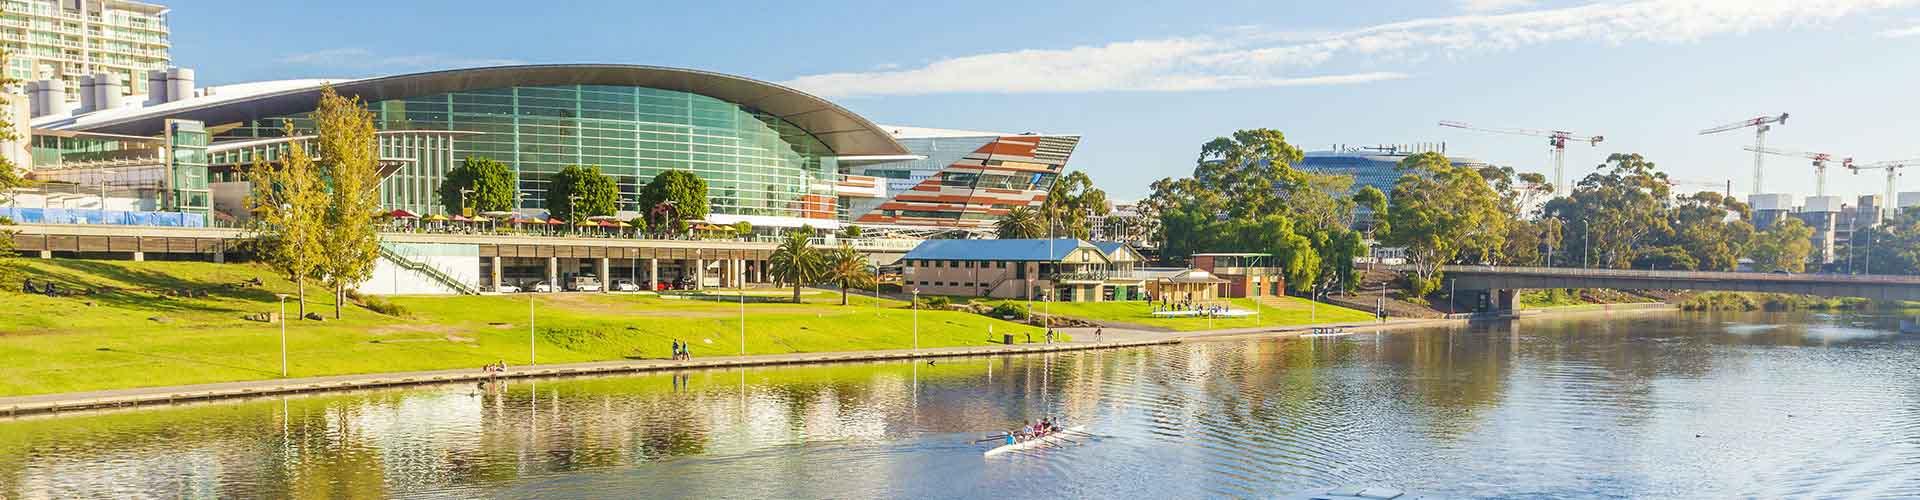 Adelaide - Hotelek Glenelg városrészen. Adelaide térképek, fotók, és ajánlások minden egyes Adelaide hotelről.